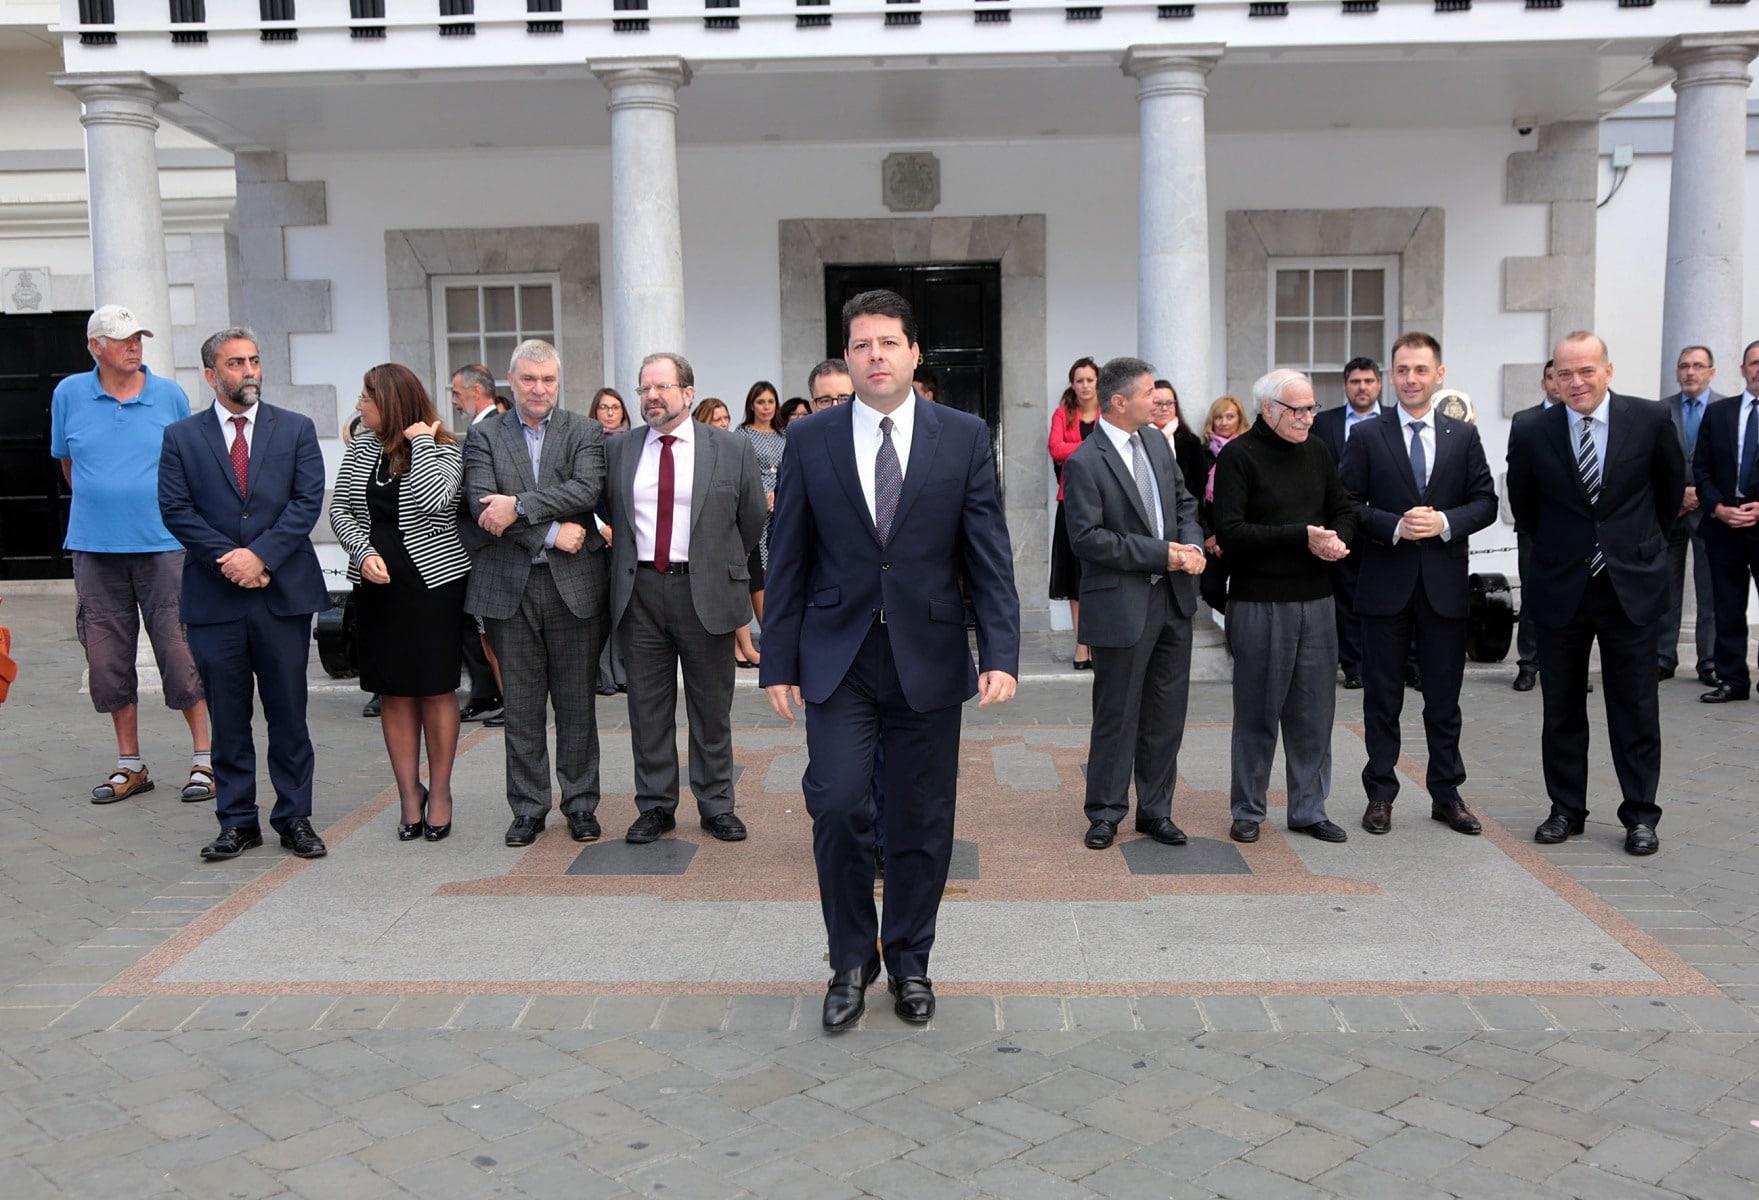 gibraltar-recuerda-a-las-vctimas-de-los-ataques-de-pars_30946107156_o